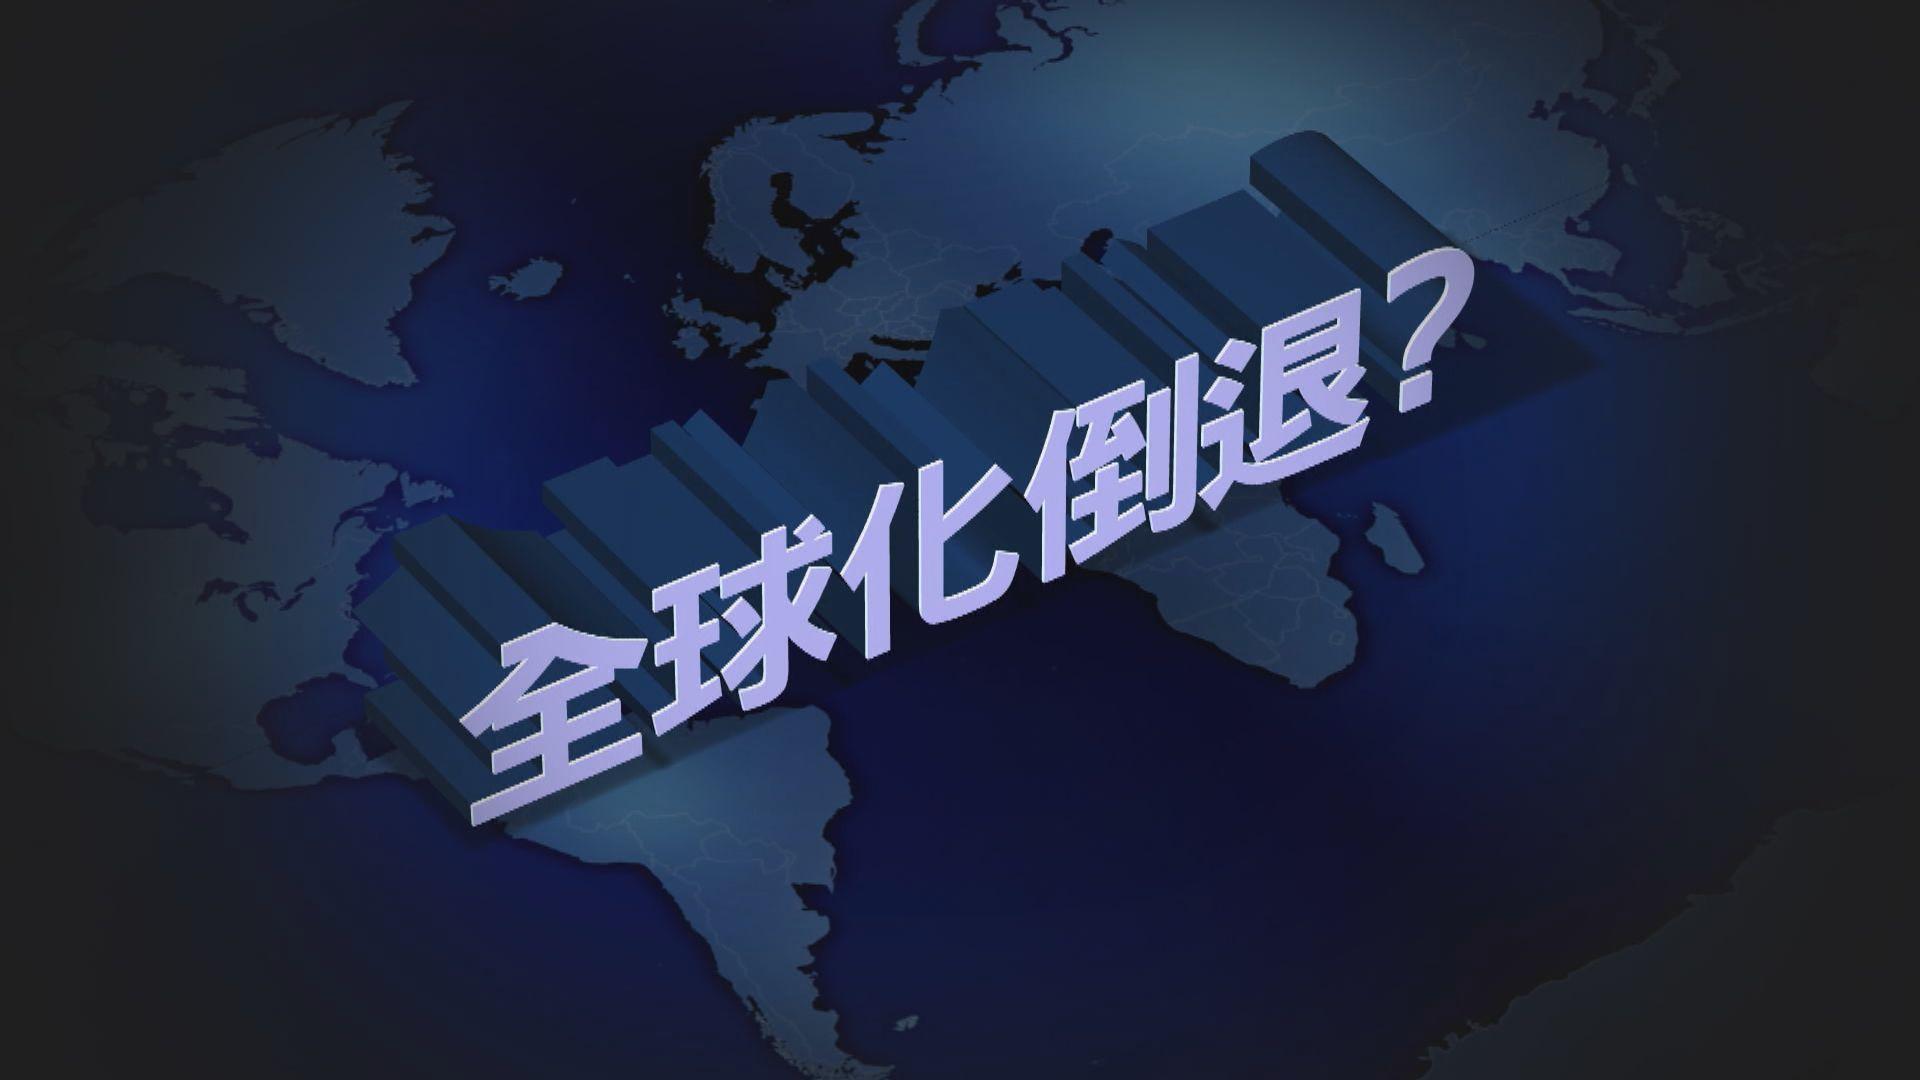 【新聞智庫】疫症令全球化倒退?